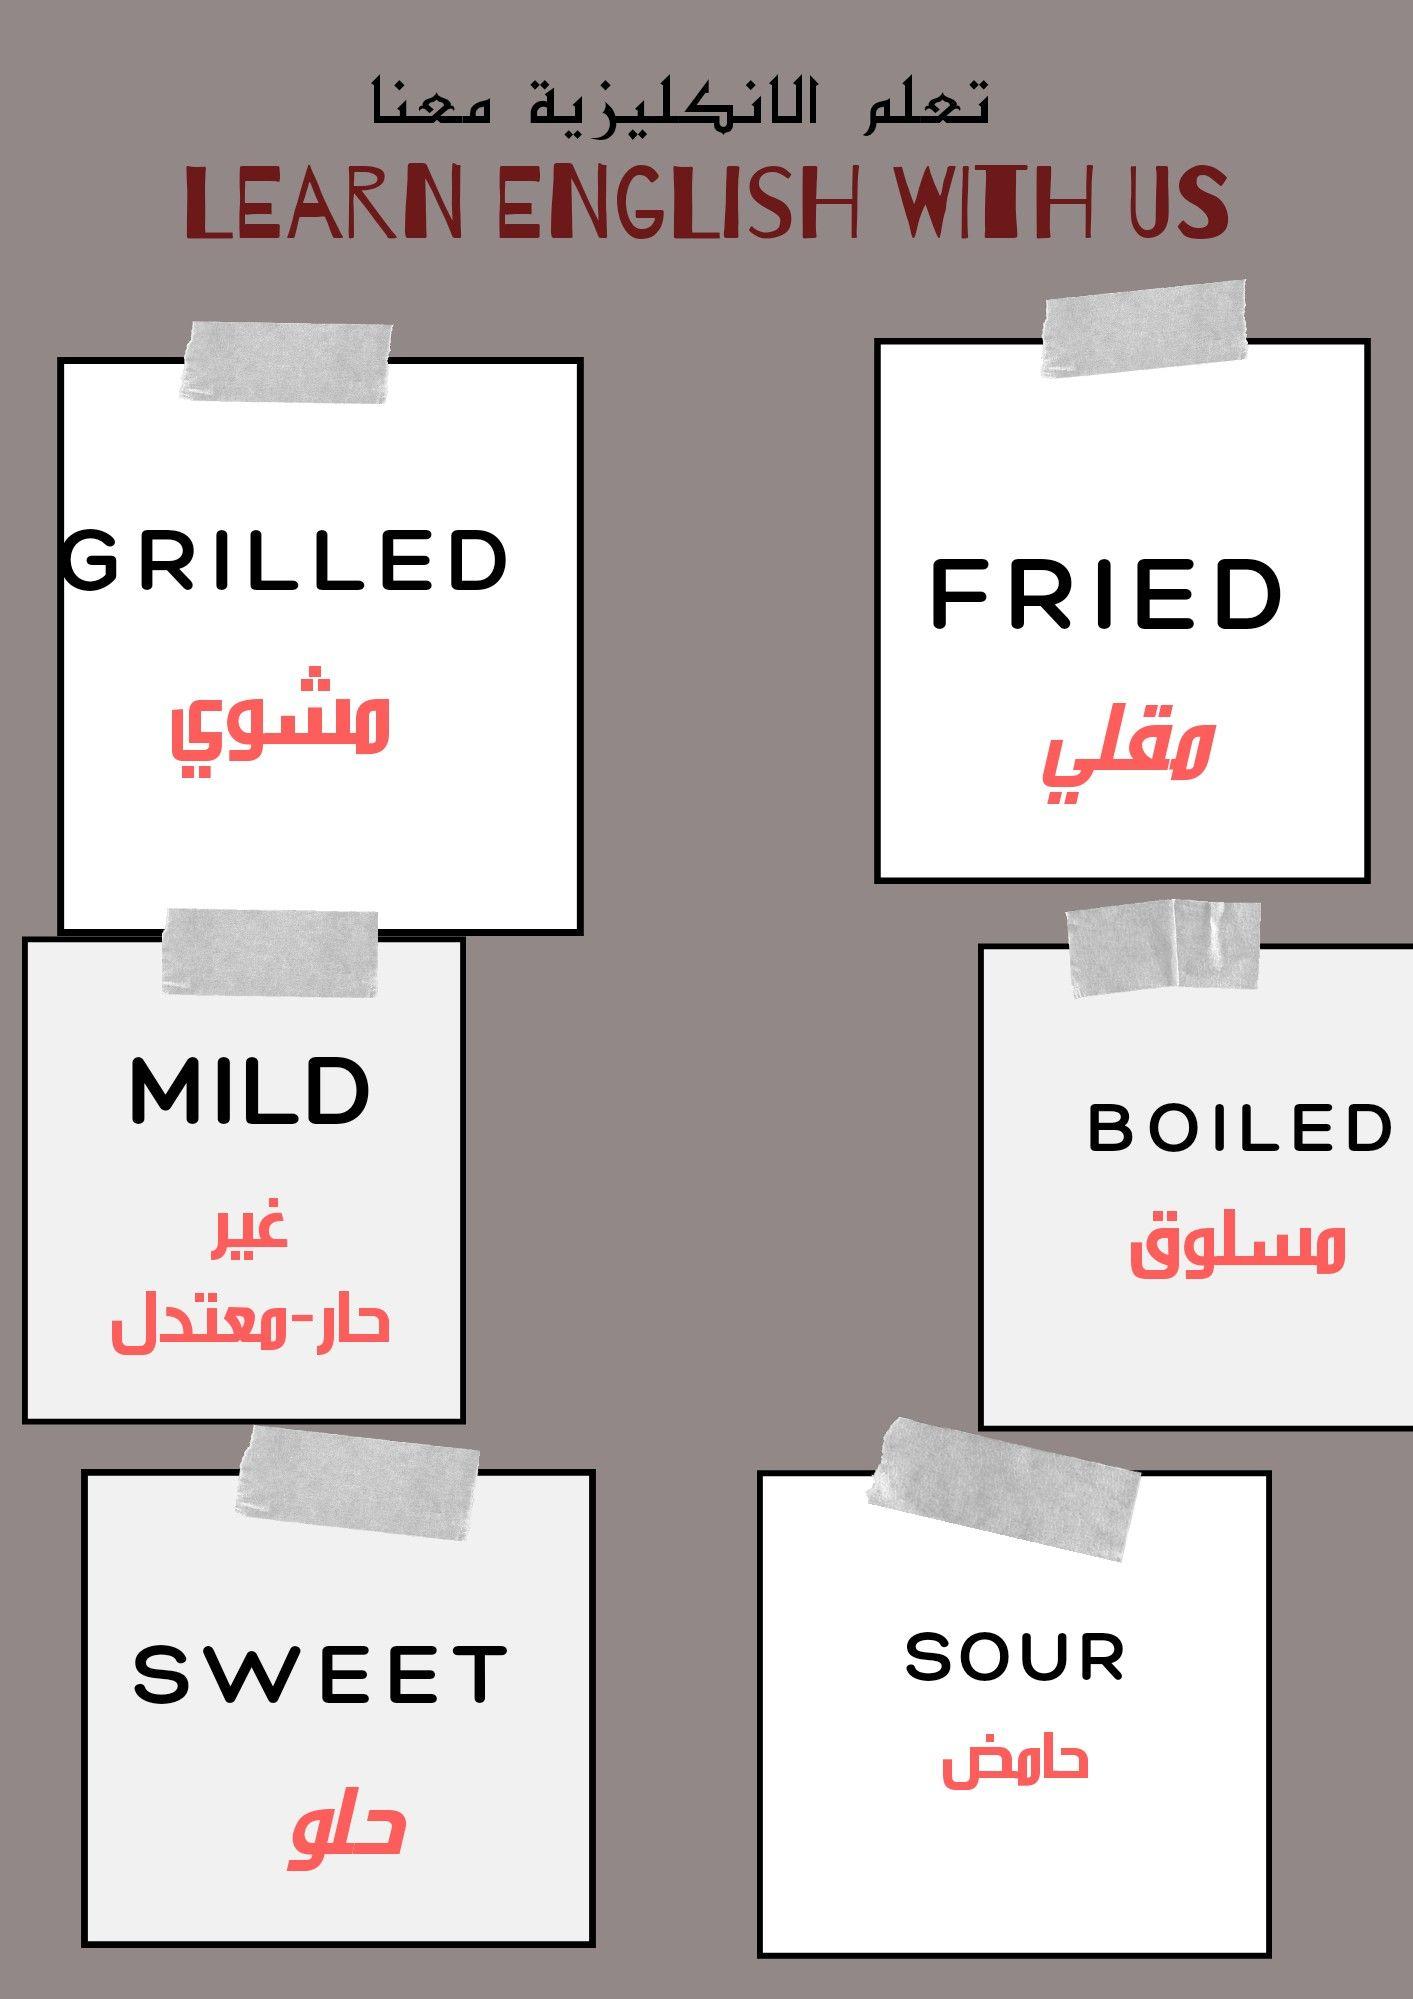 كلمات مهمة تحتاجها في المطعم Learn English Learn English Vocabulary English Words